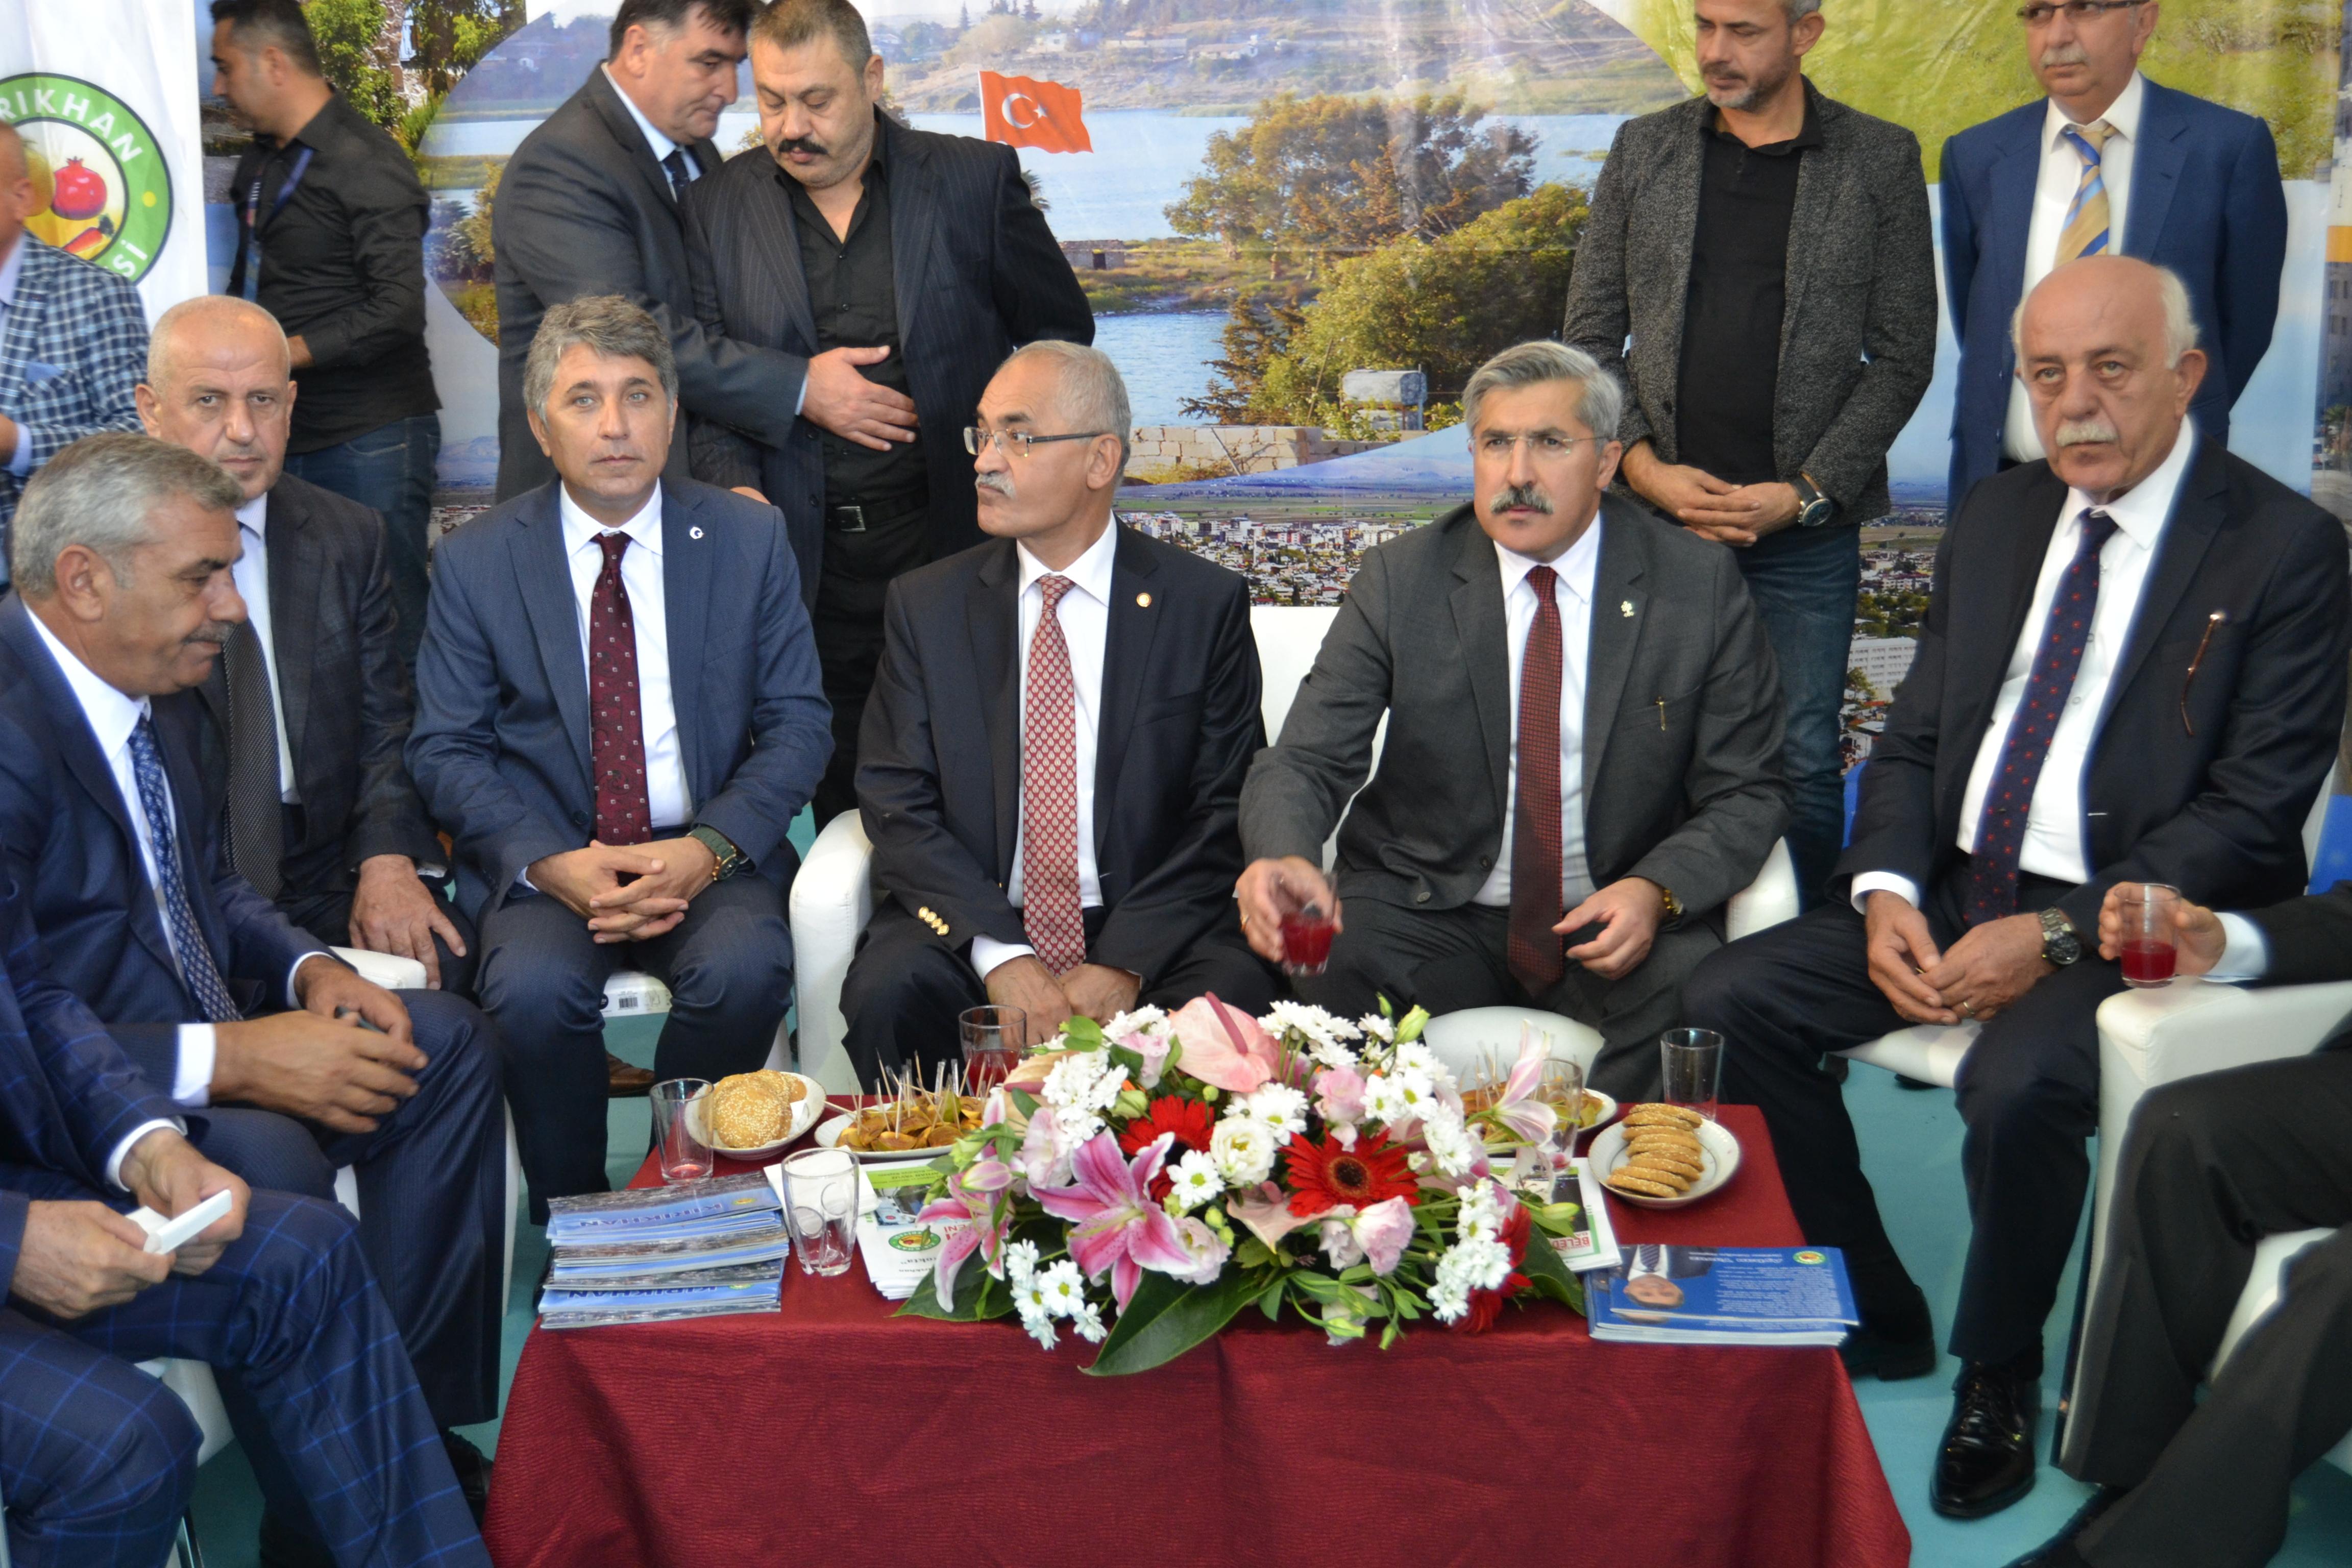 7.GELENEKSEL İSTANBUL'DA HATAY GÜNLERİNDE KIRIKHAN STANDINA HEMŞERİLERİMİZDEN BÜYÜK İLGİ